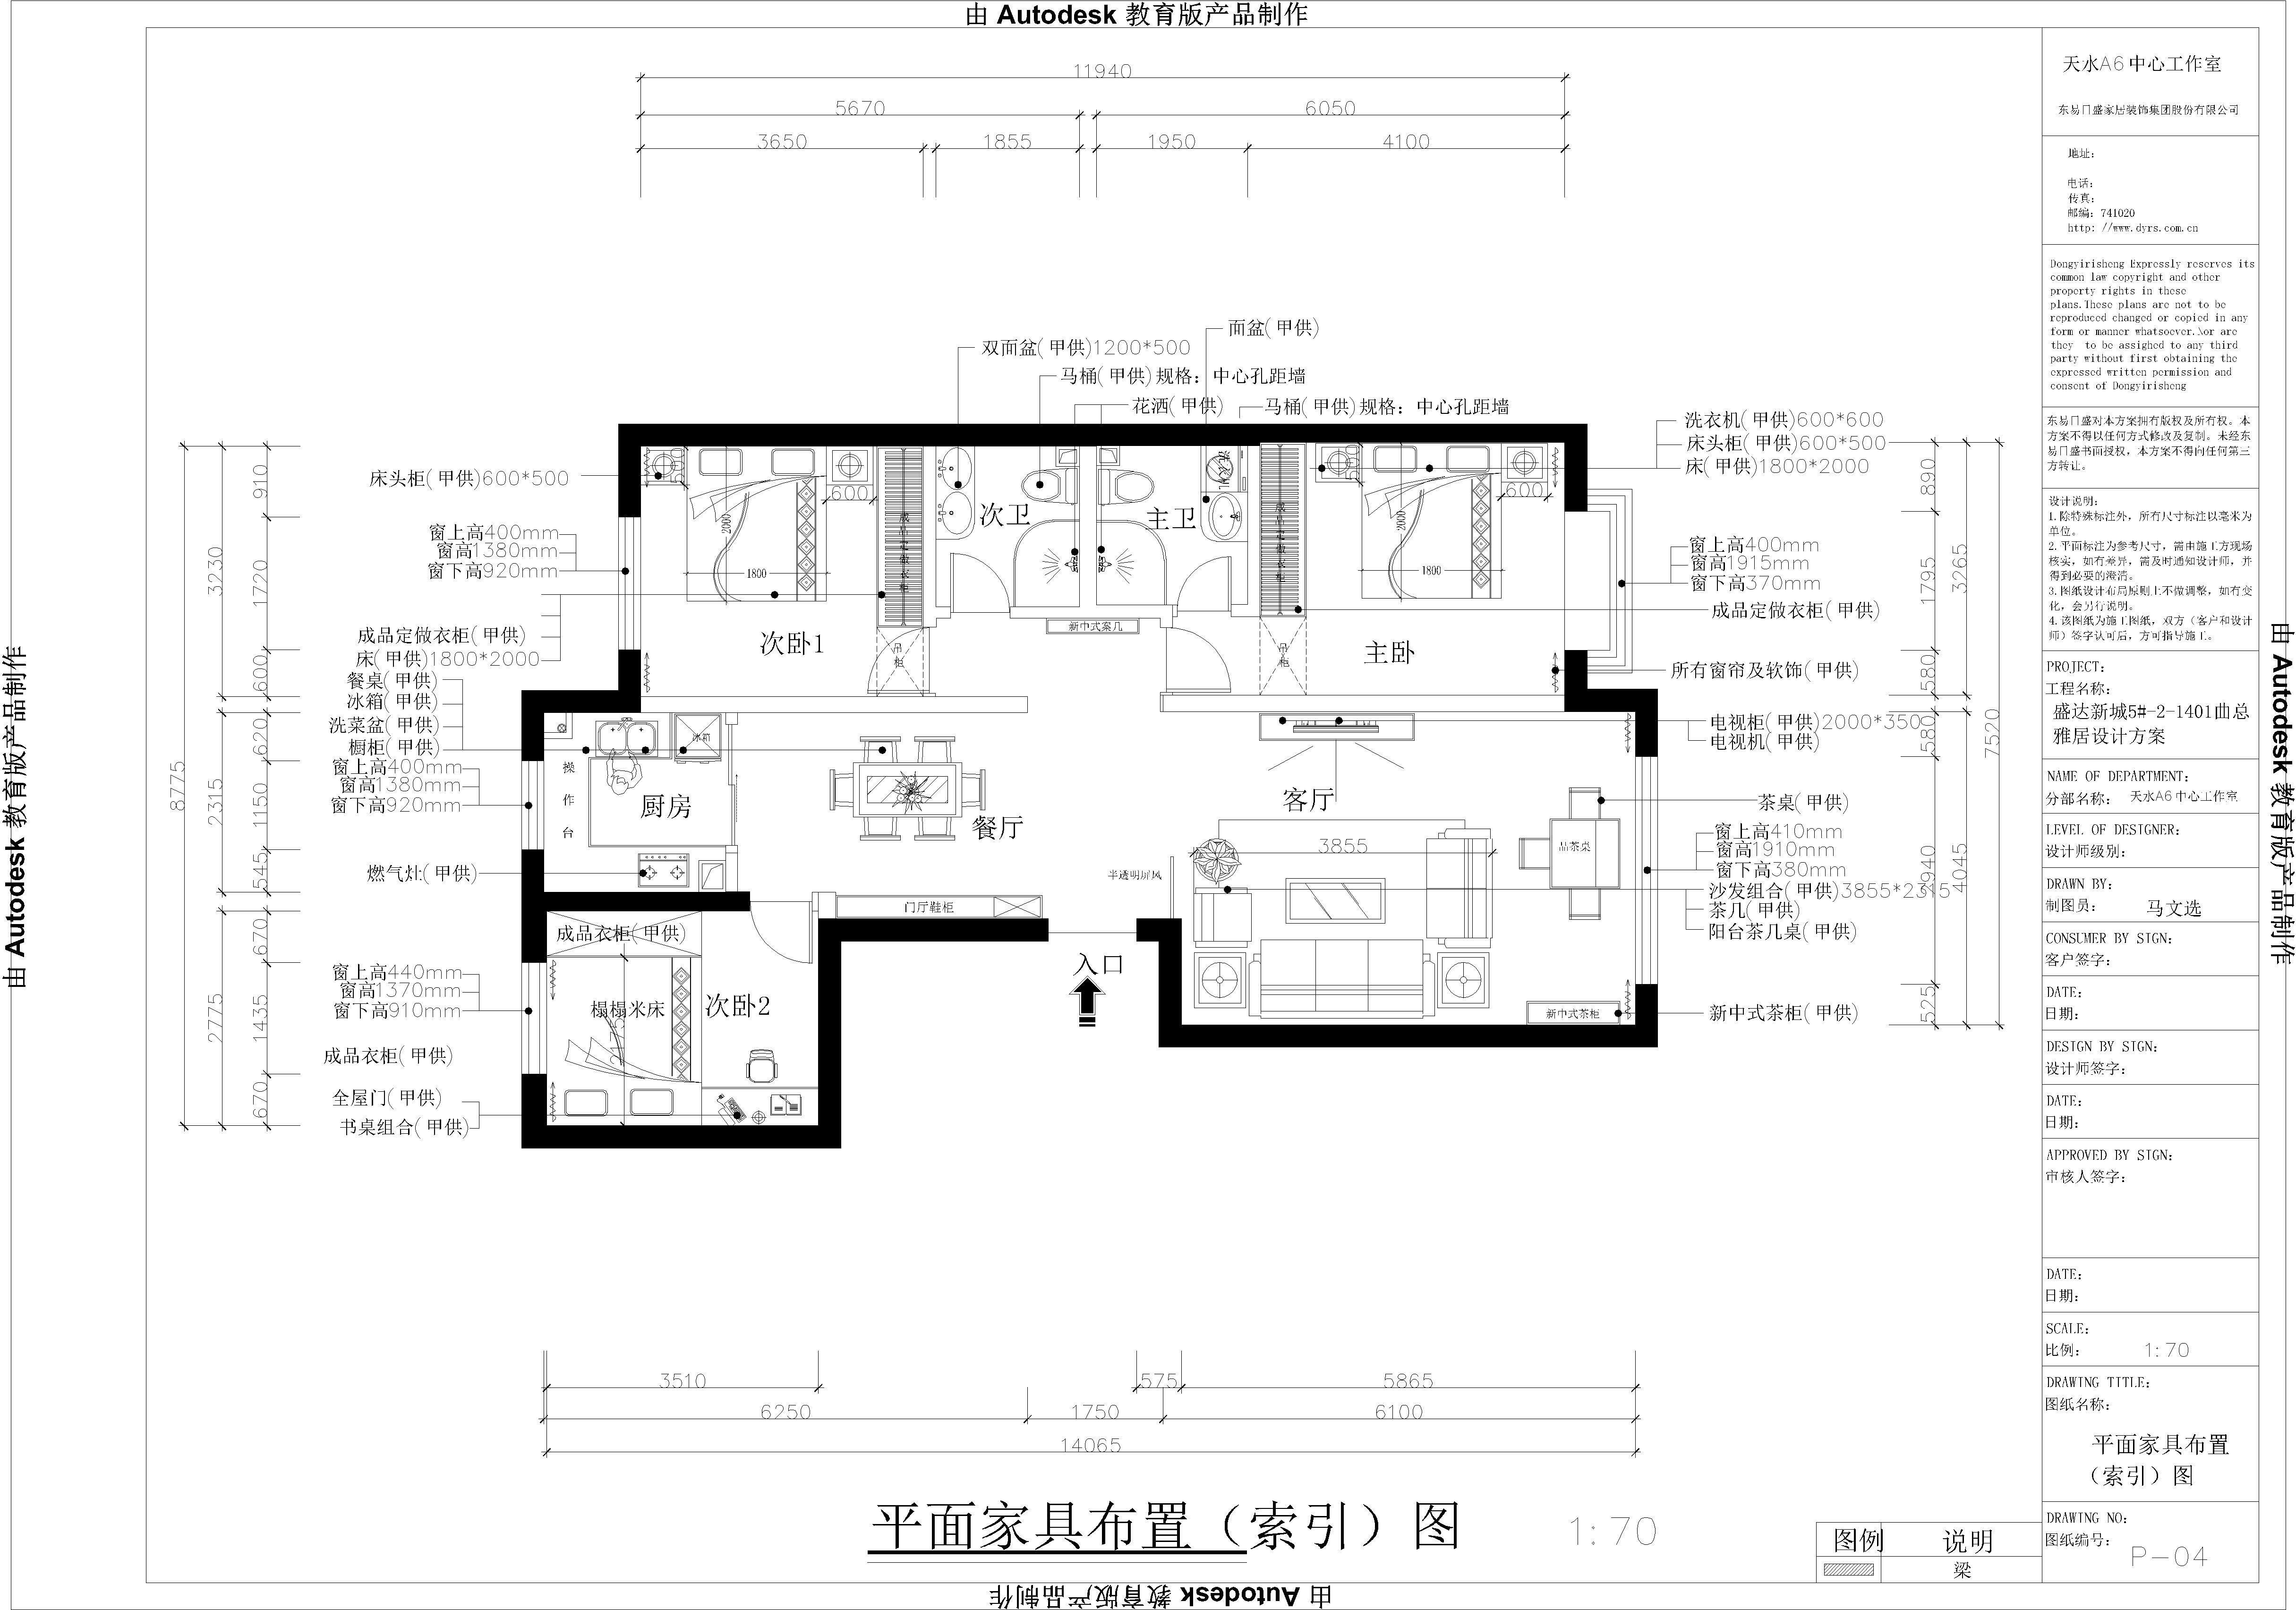 盛达新城小区-125平米-现代新中式风格装修效果图大全装修设计理念